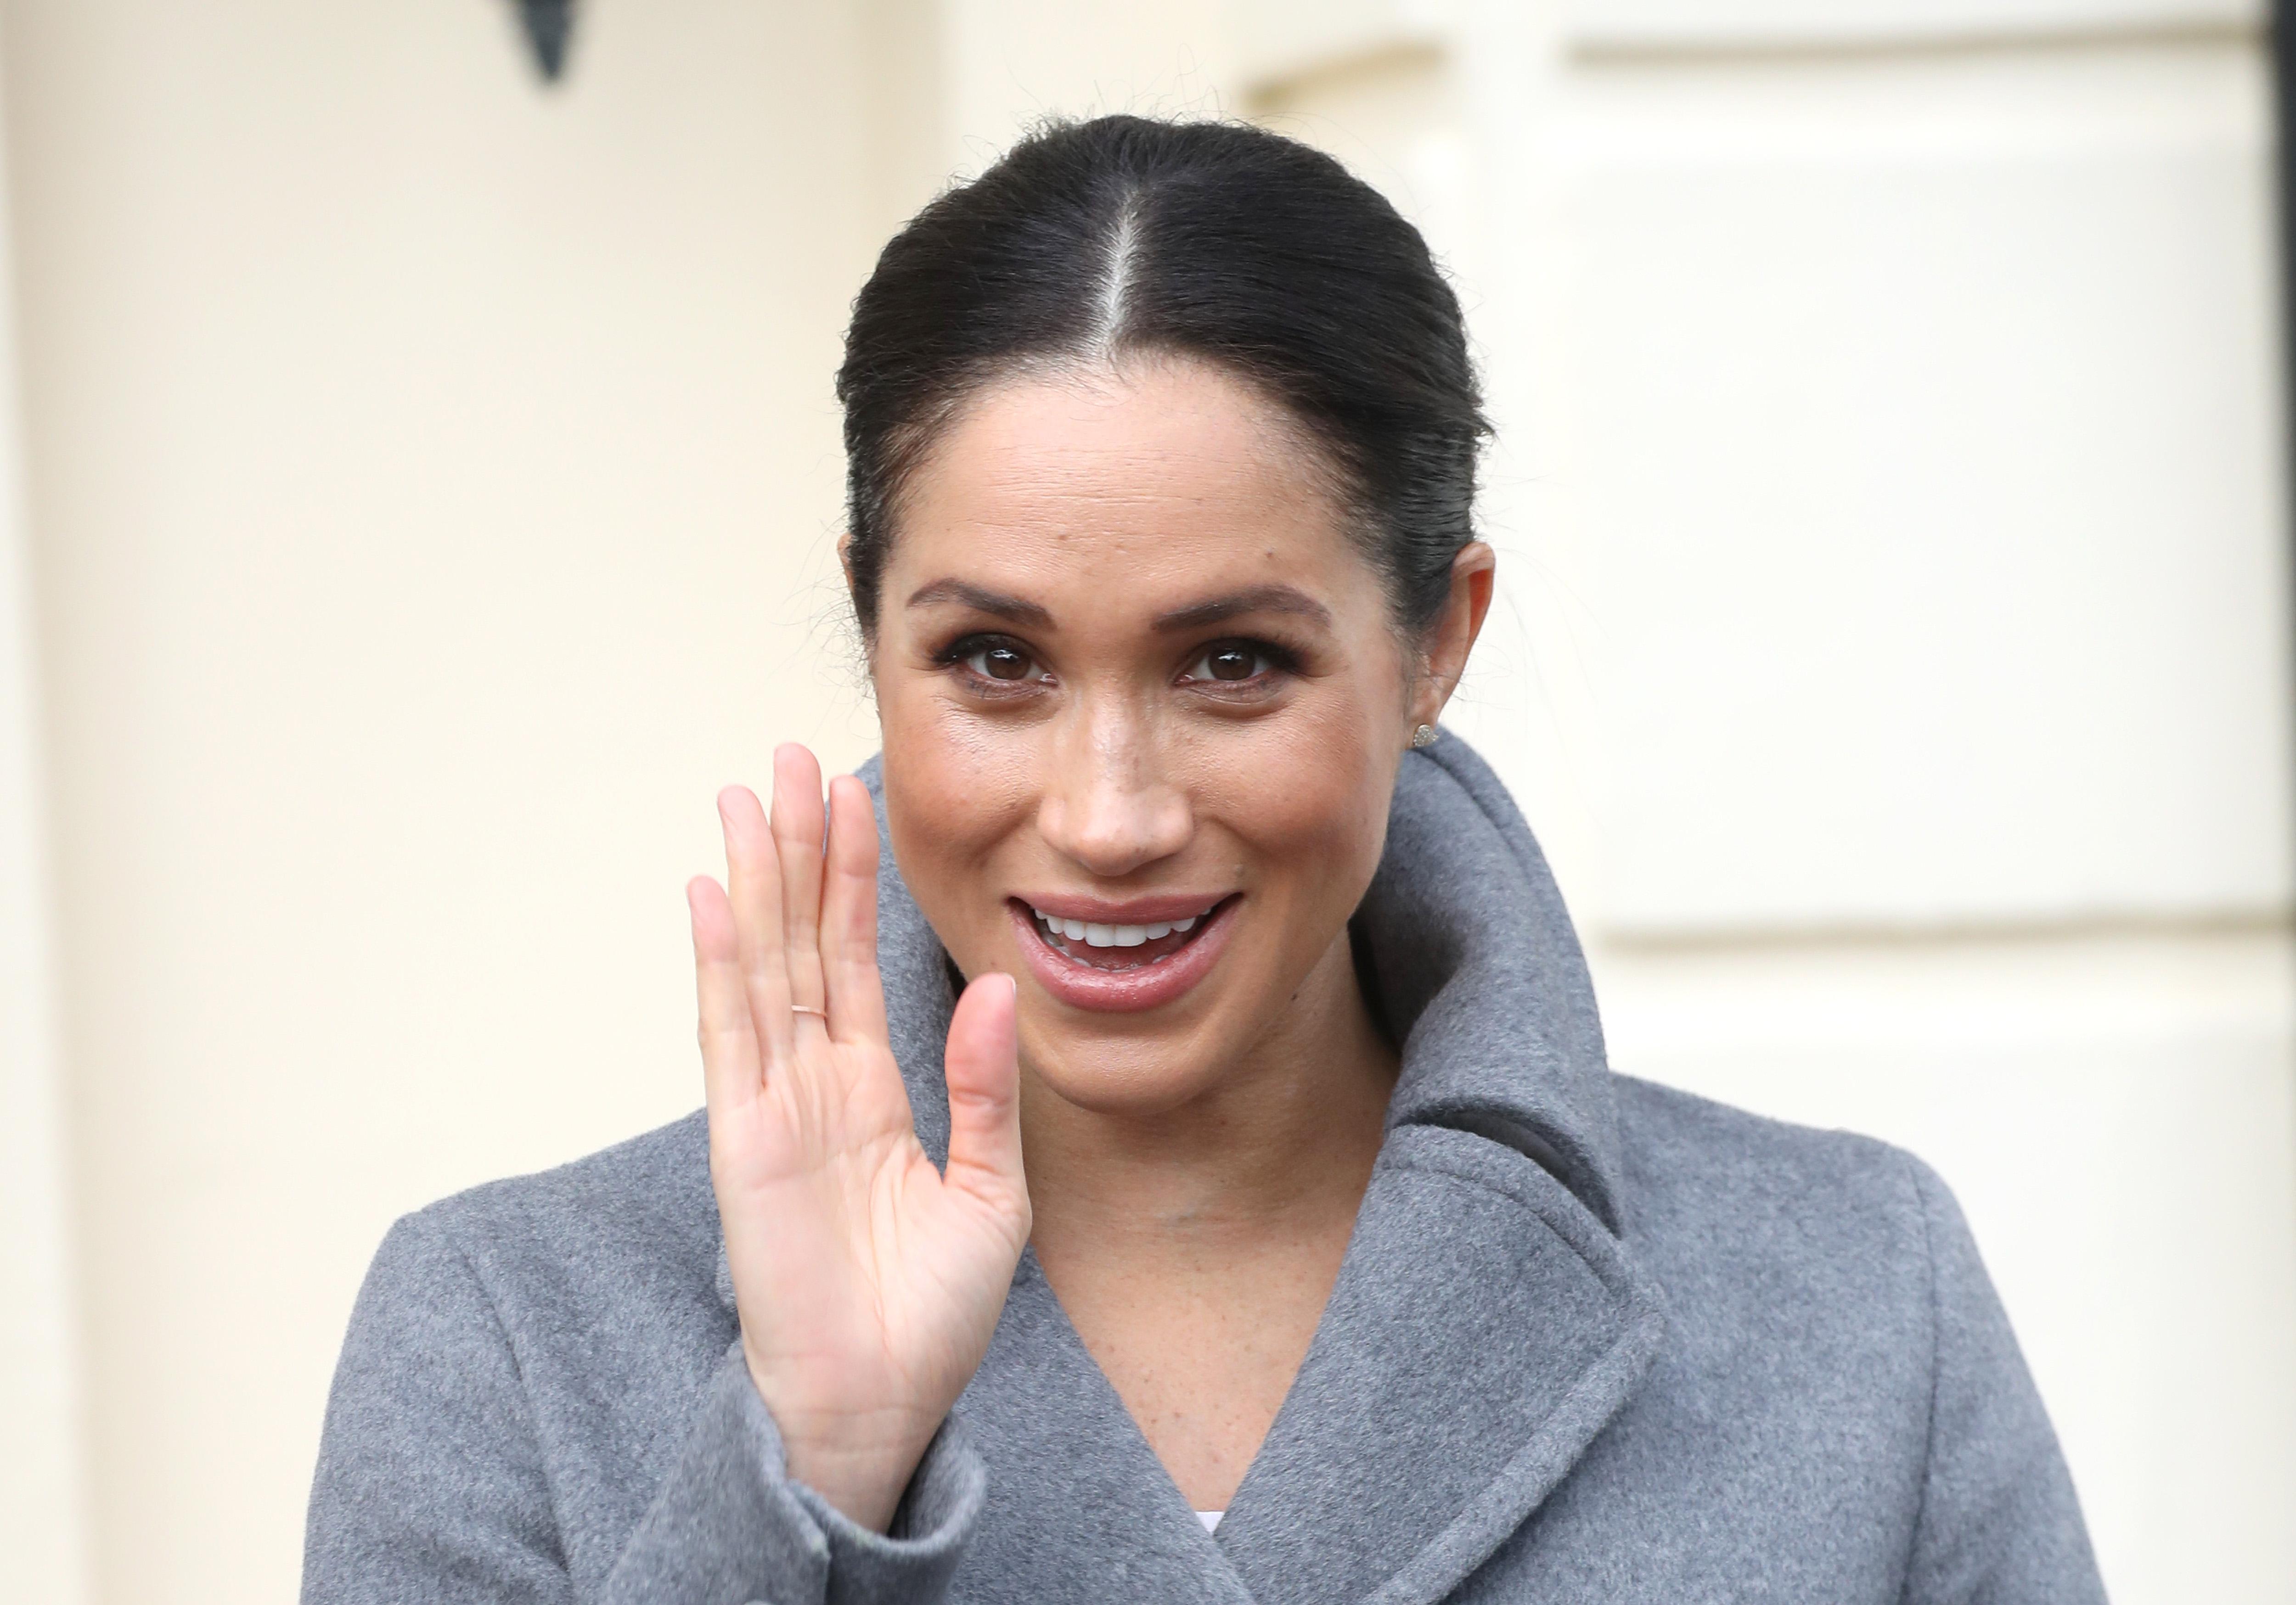 Η Meghan Markle και η Kim Kardashian χρησιμοποιούν το ίδιο προϊόν στο πρόσωπό τους και είναι τεράστια τάση! | tlife.gr